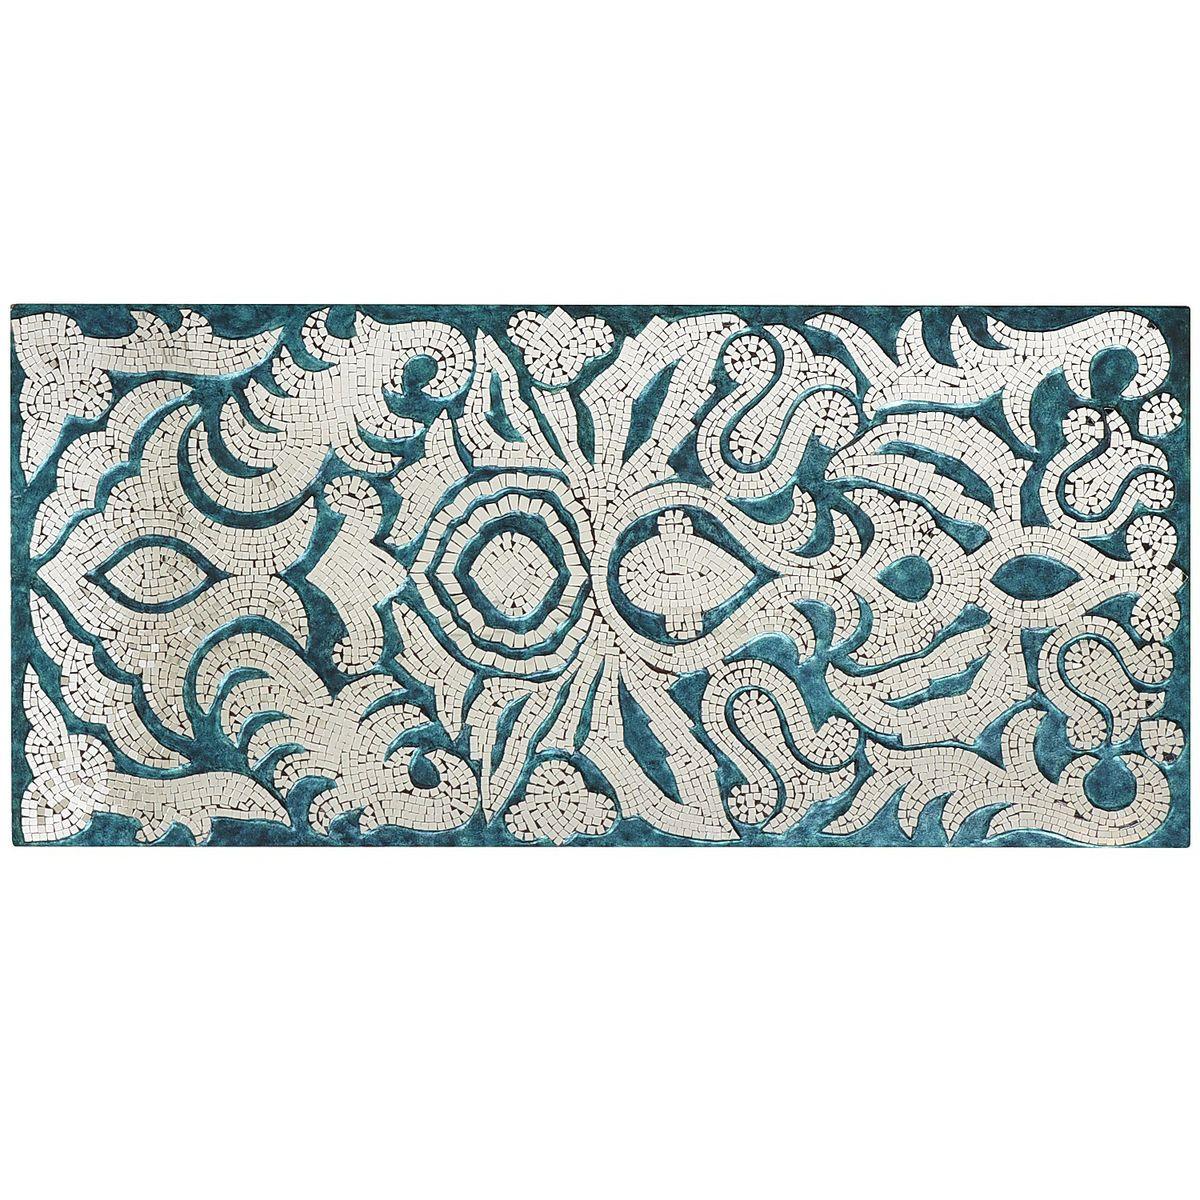 Damask Mirrors Teal mirrored mosaic damask panel pier 1 imports dining room teal mirrored mosaic damask panel pier 1 imports sisterspd